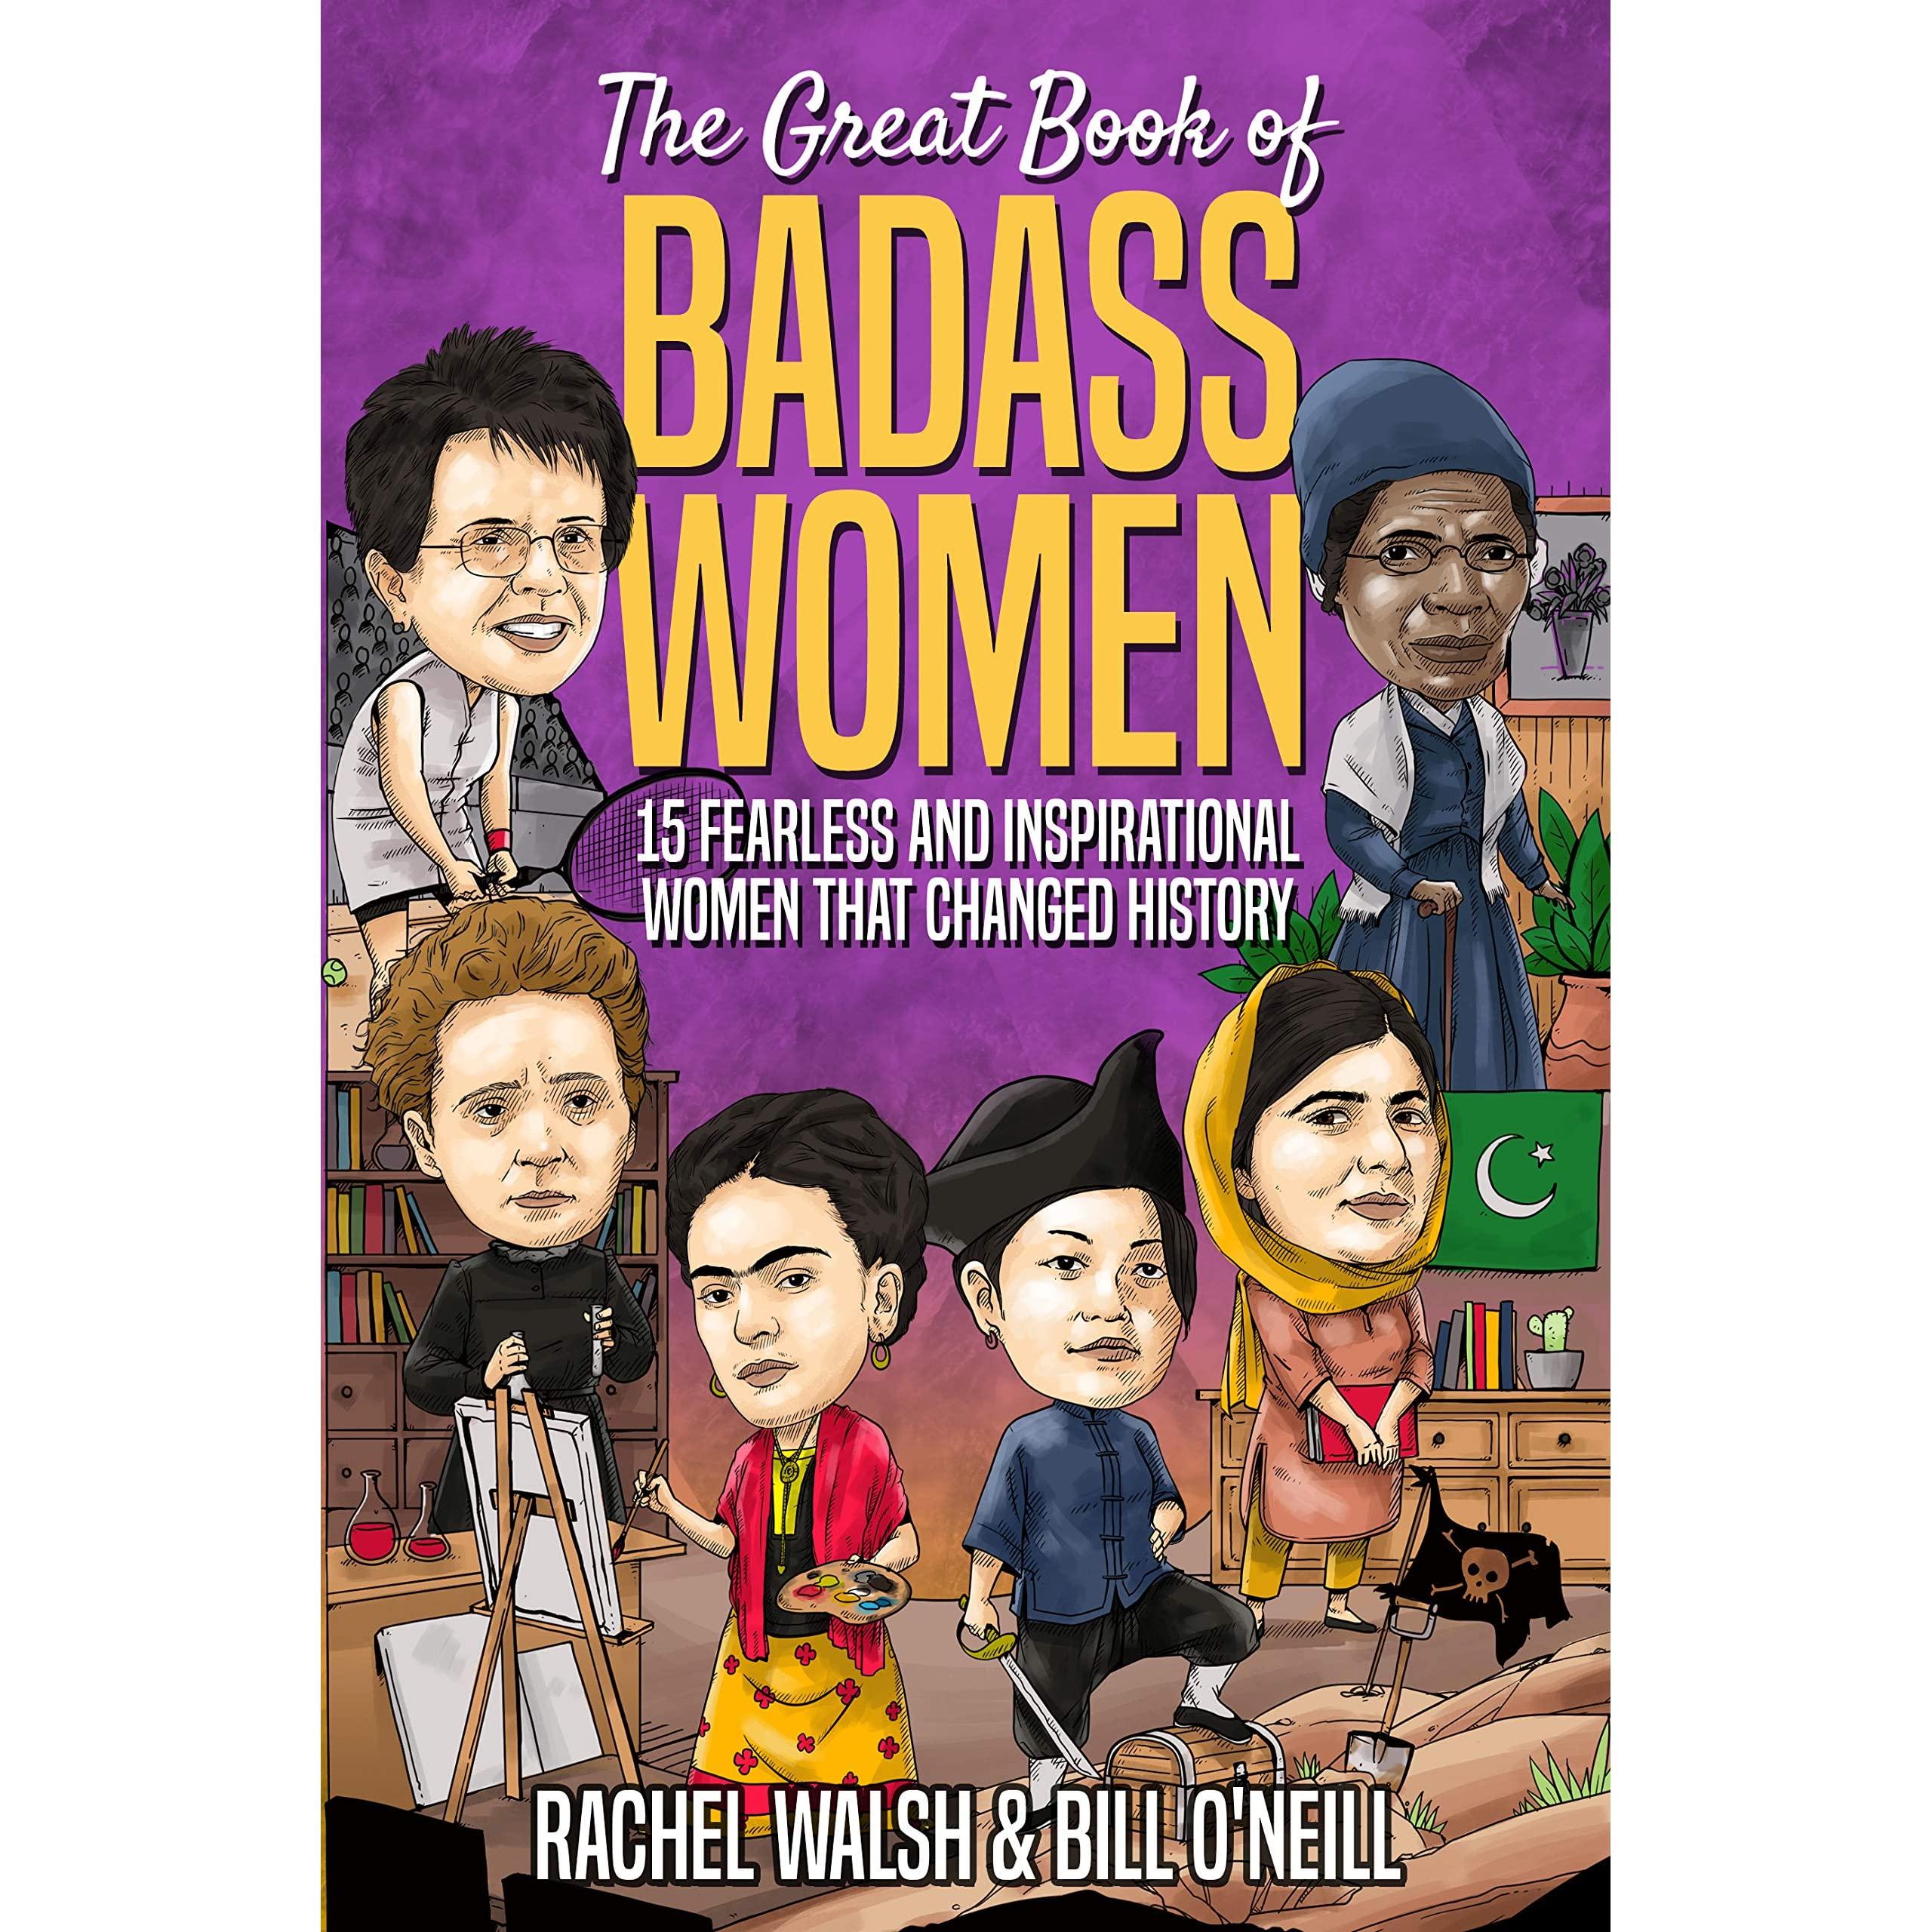 The Great Book of Badass Women